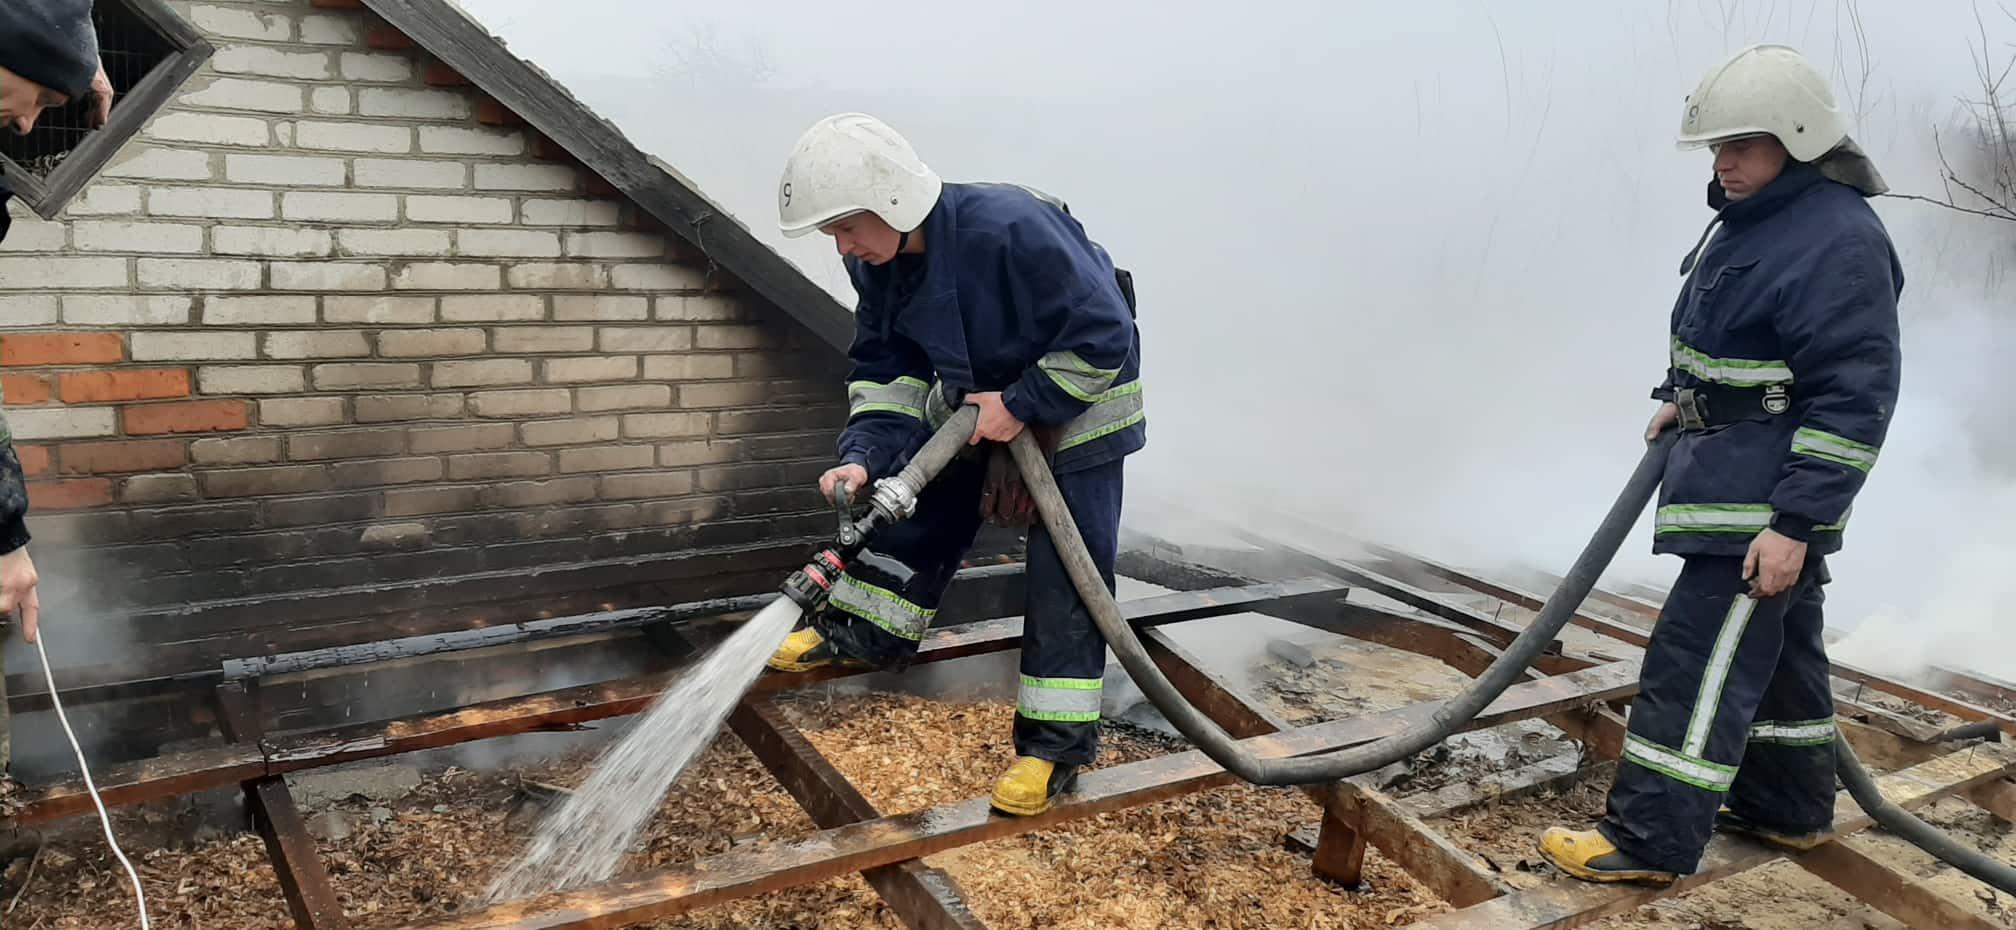 Сьогодні у Великому Митнику на пожежі загинув чоловік